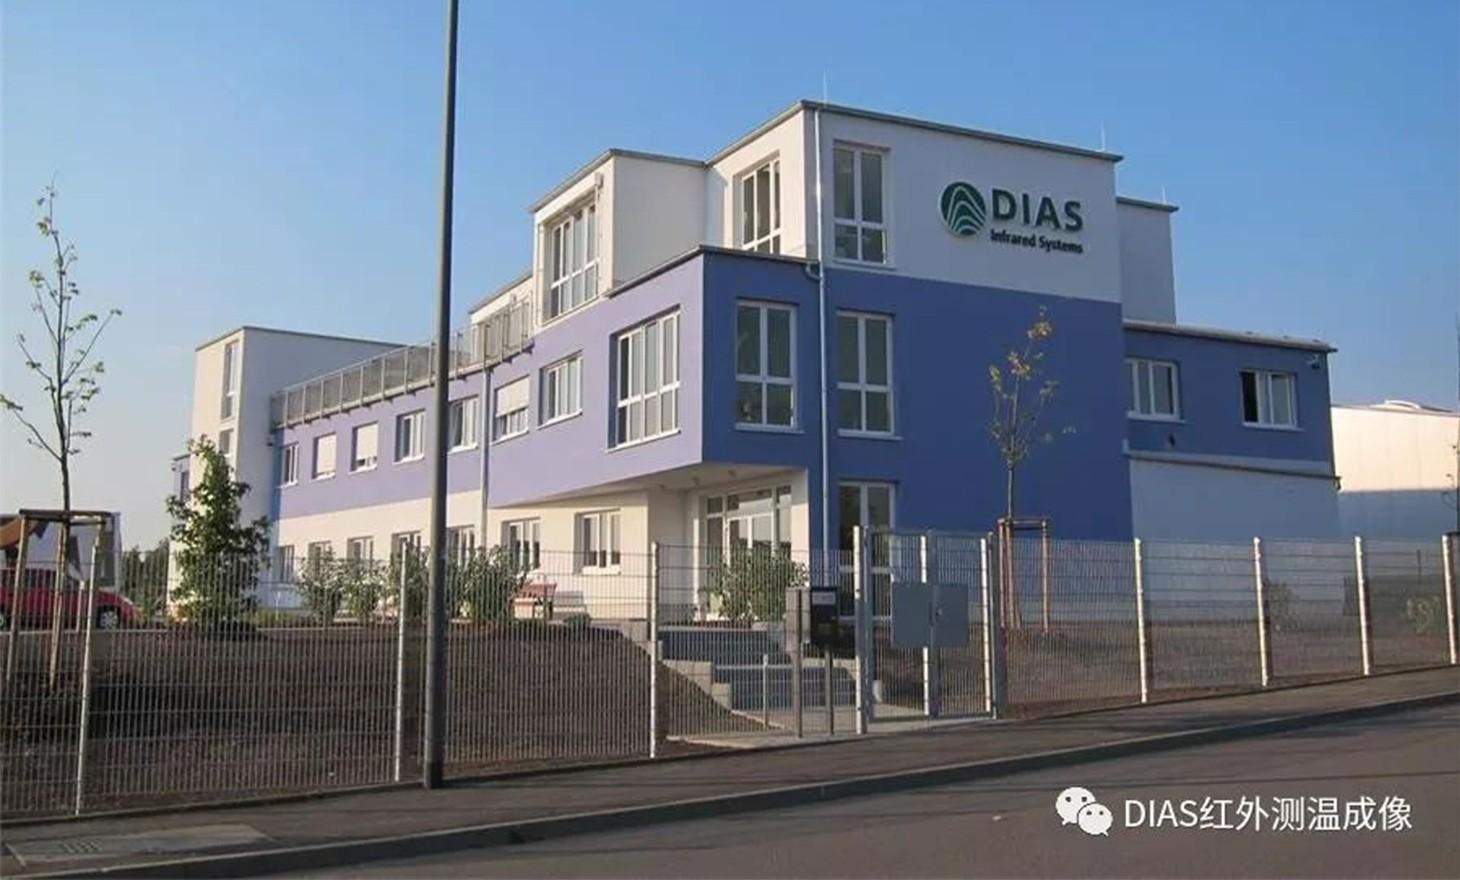 德国DIAS'19销售会议即将在4月举行